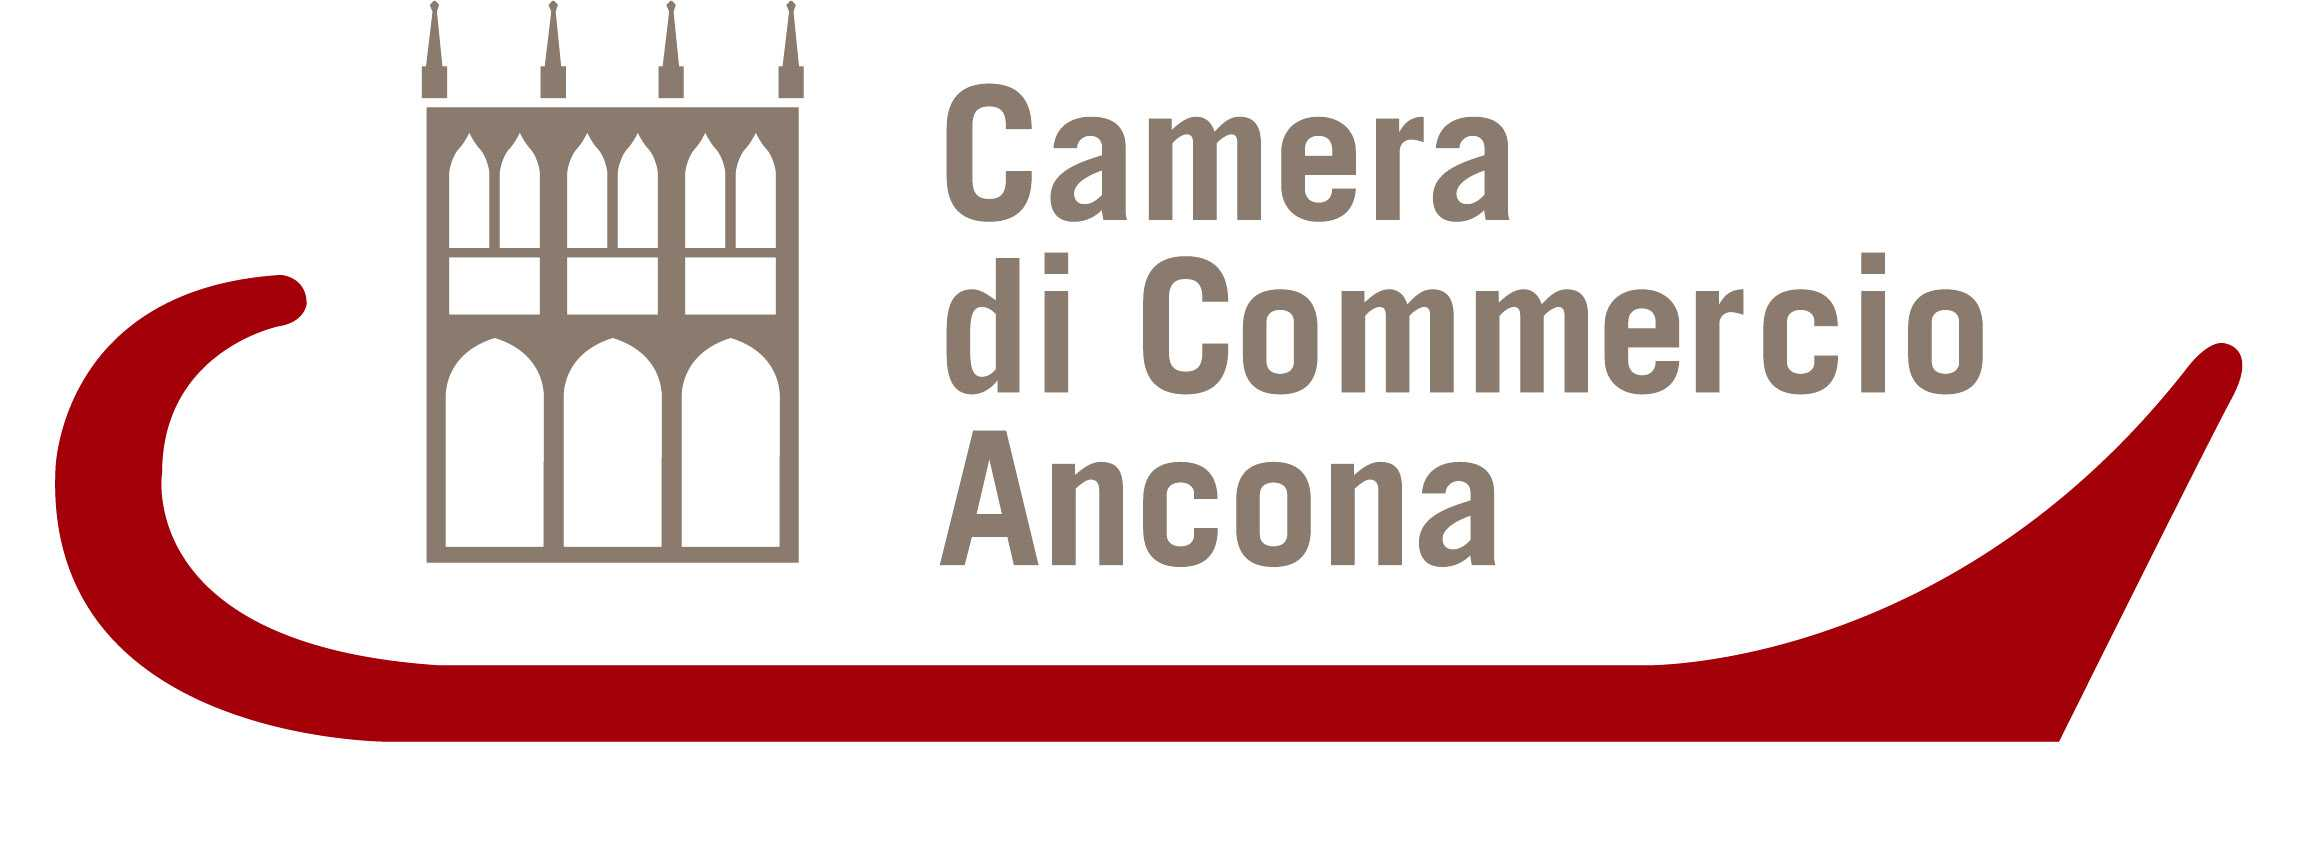 camera mercio ancona